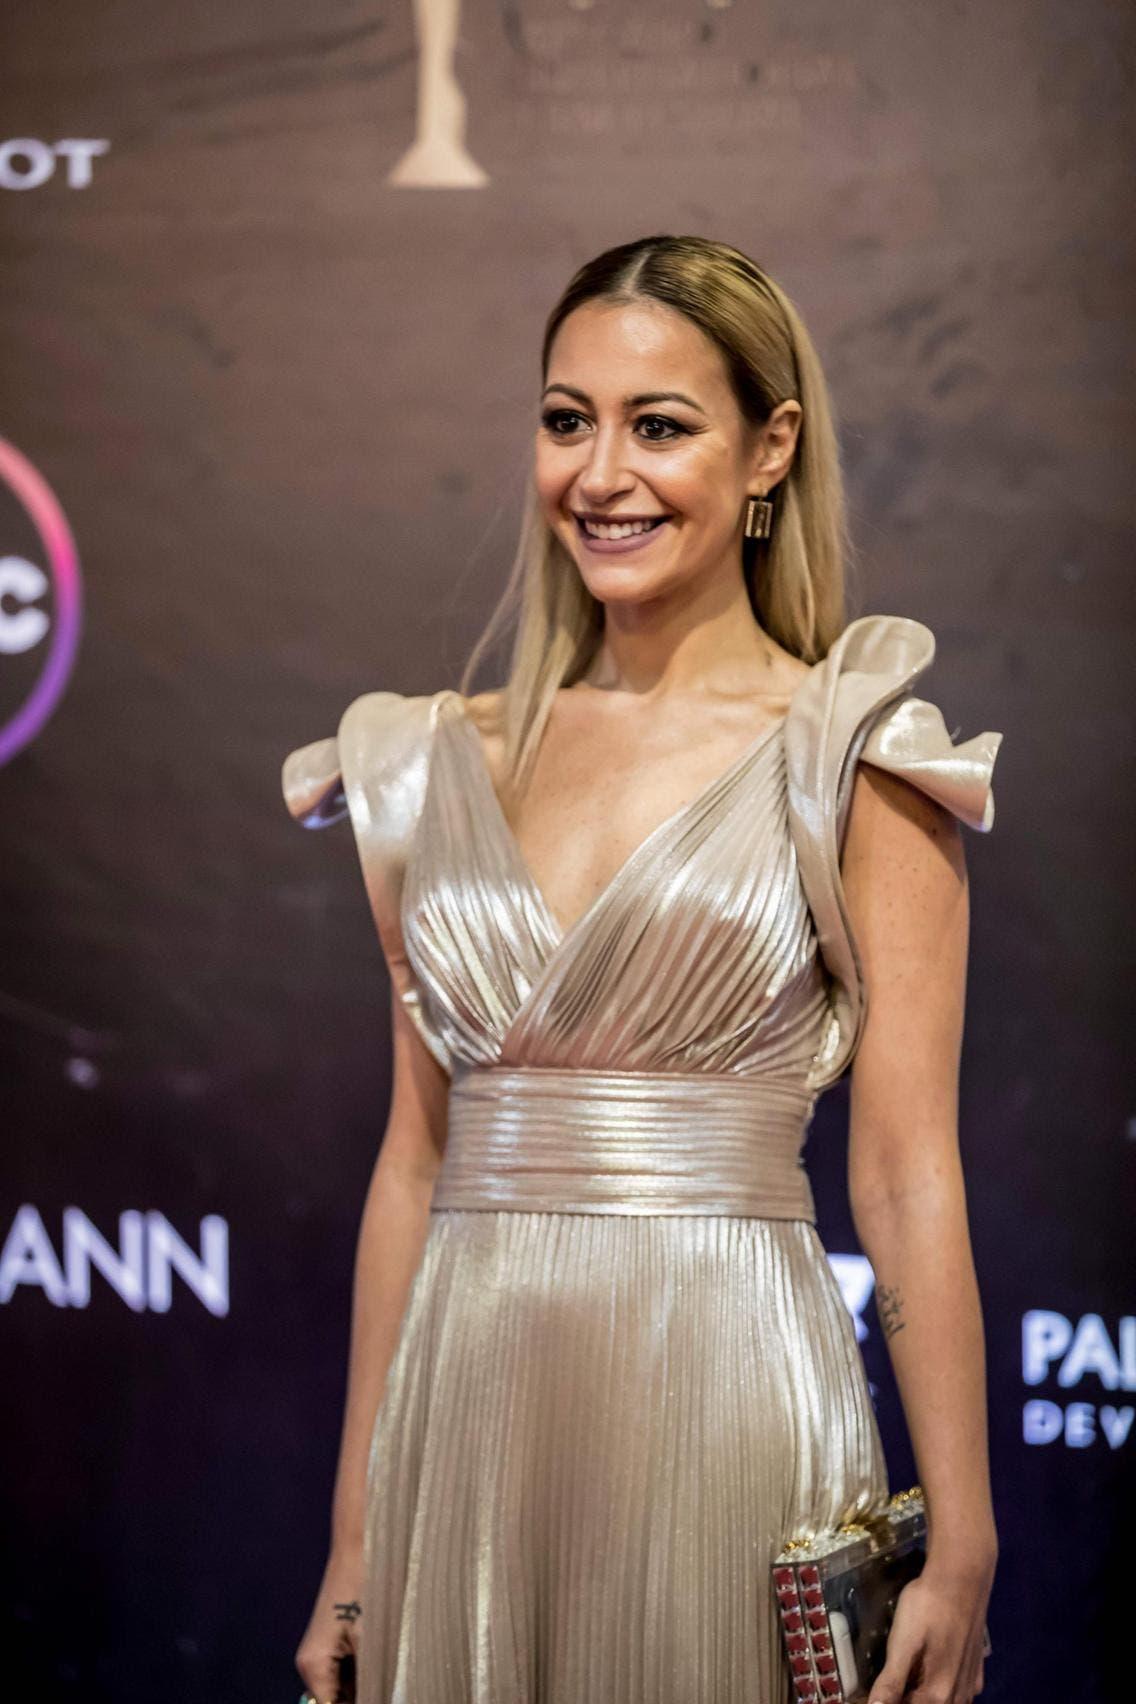 منة شلبي خلال افتتاح مهرجان القاهرة السينمائي الدولي